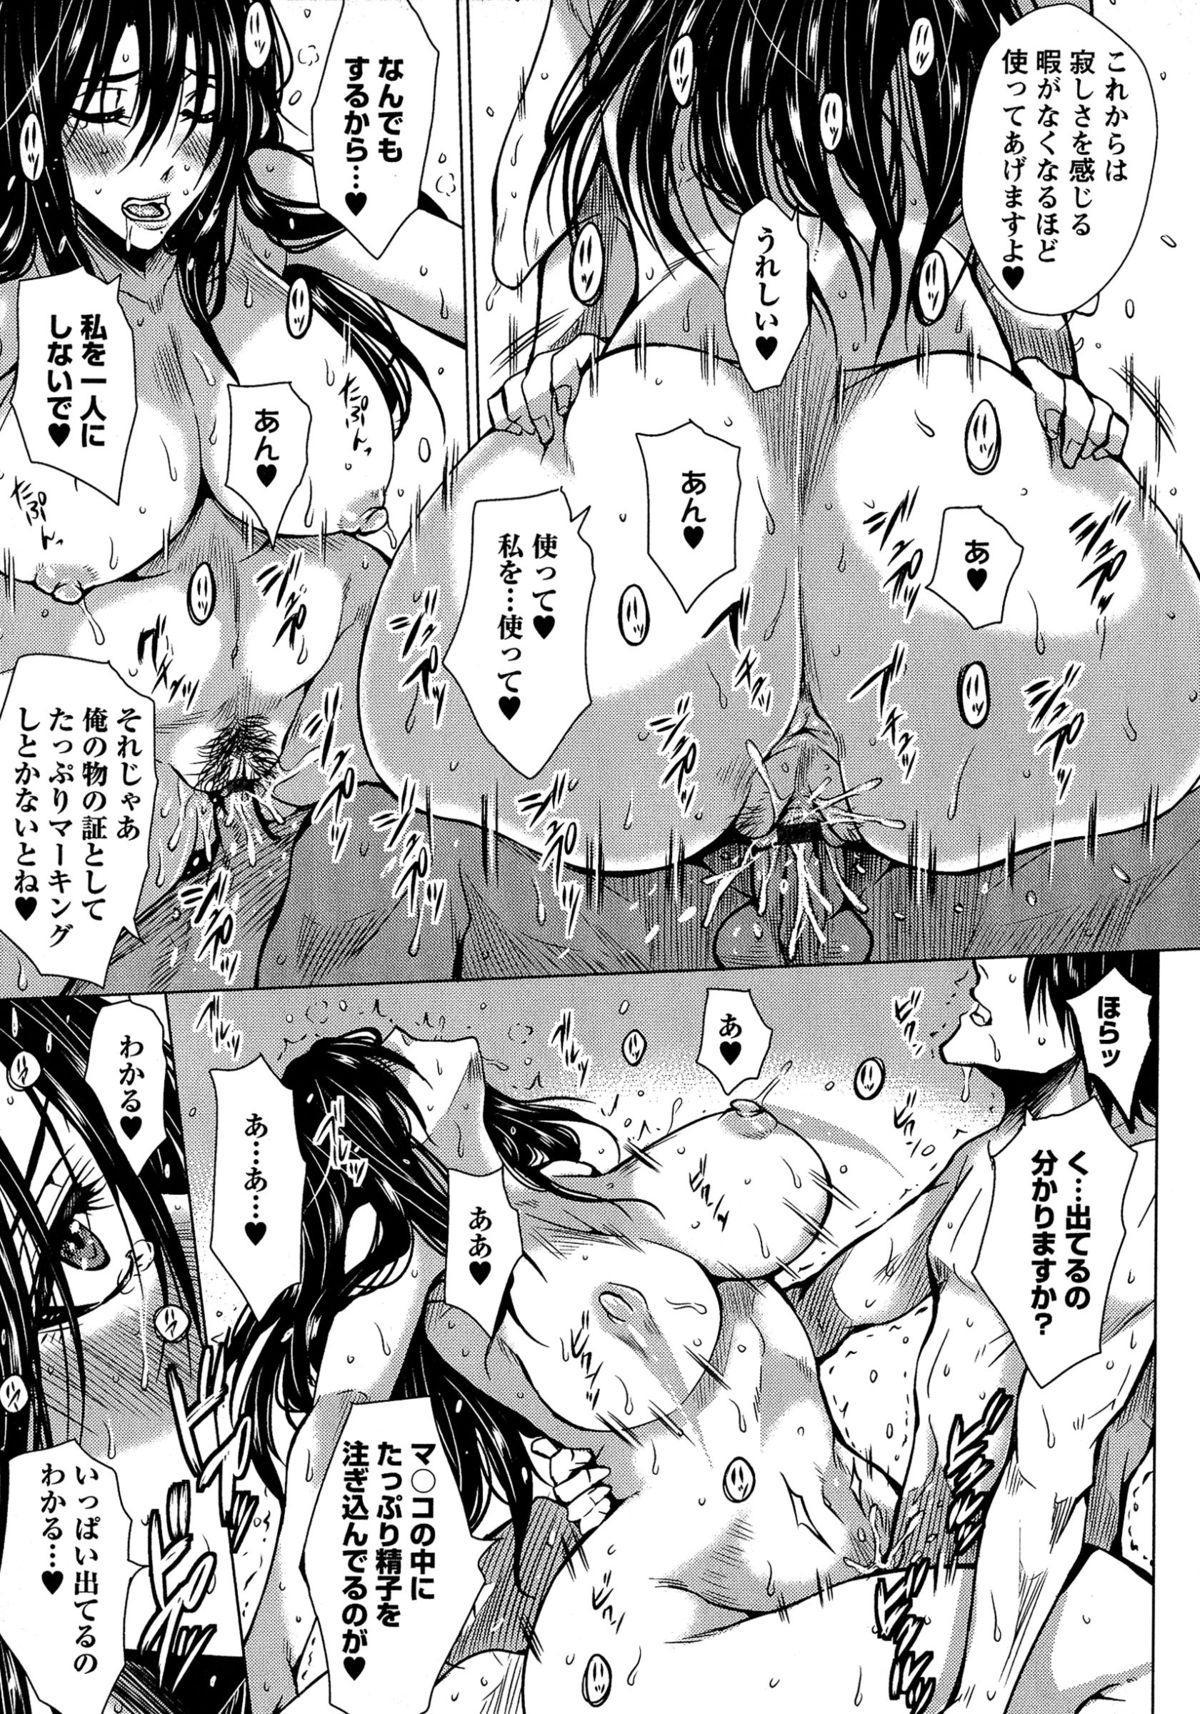 Seishori Kazoku 29